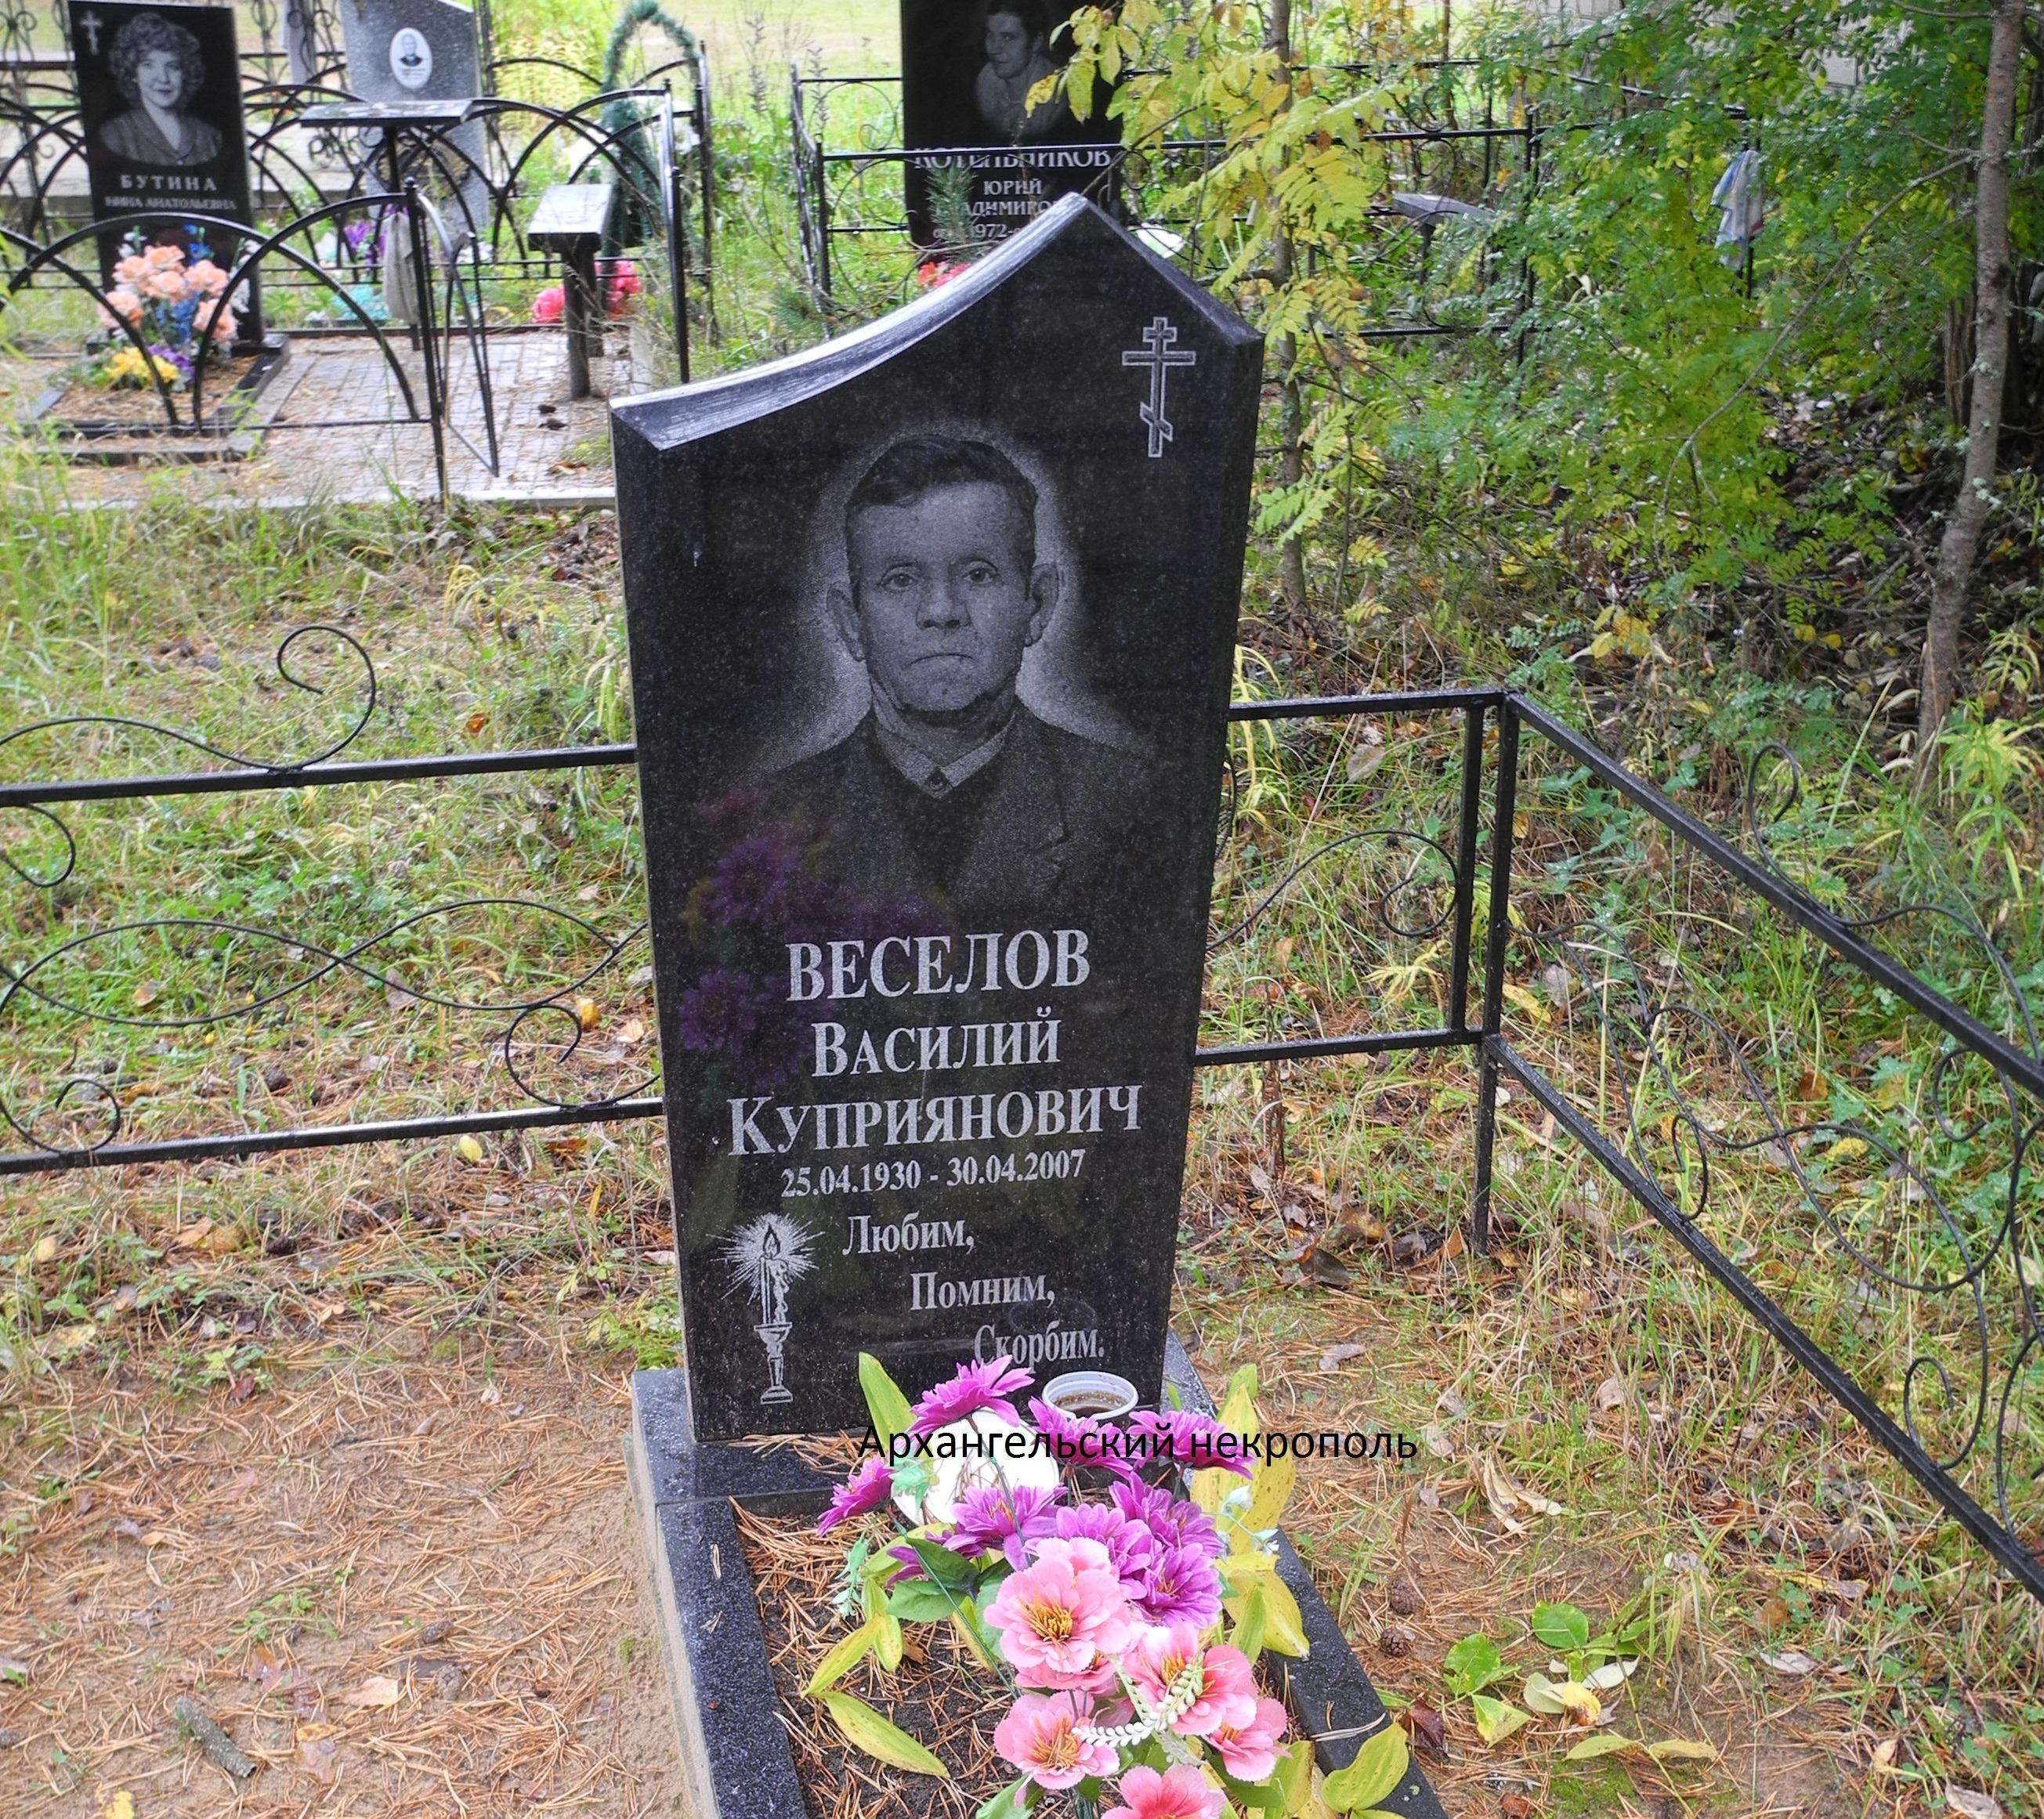 работа машинистом бульдозера в московской области москва